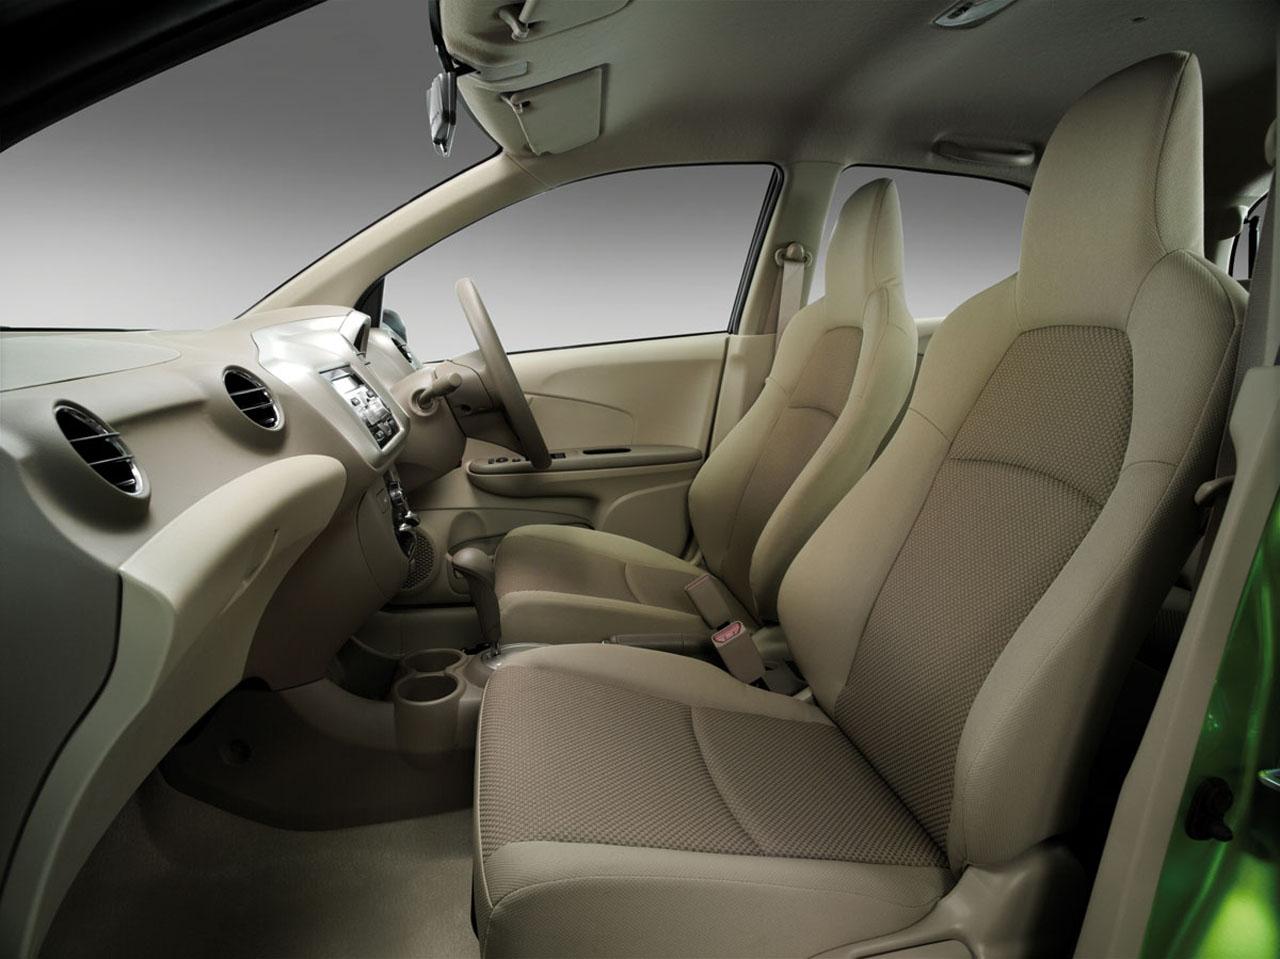 http://4.bp.blogspot.com/-qMXd4TwPyzw/TcA0Kz2WI5I/AAAAAAAACtQ/56MQOR-v6VI/s1600/2011-Honda-Brio-06.jpg